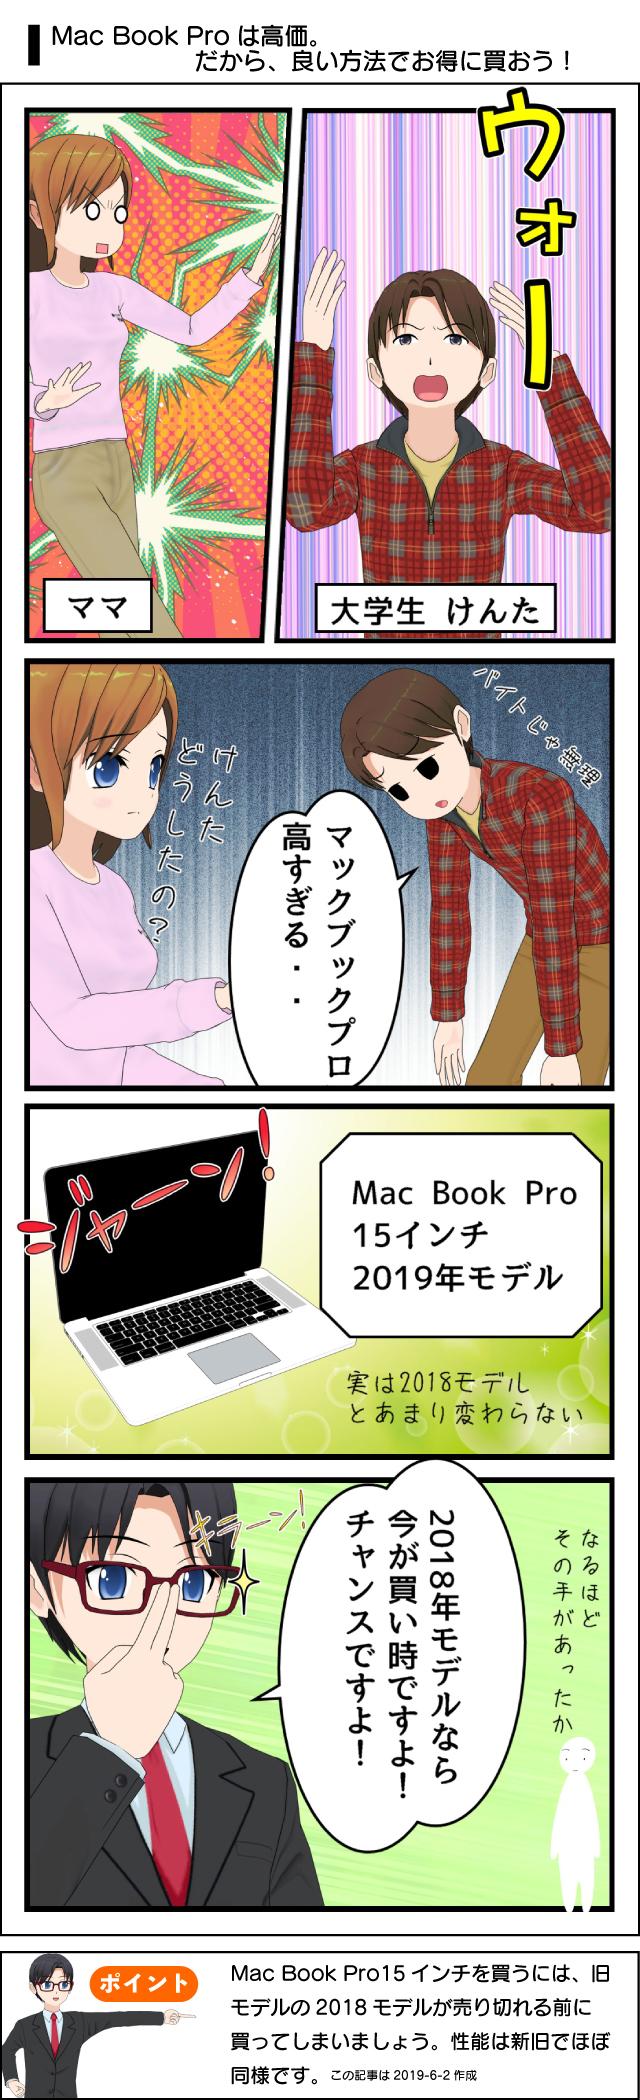 MacBookProを安く買うには今がチャンス